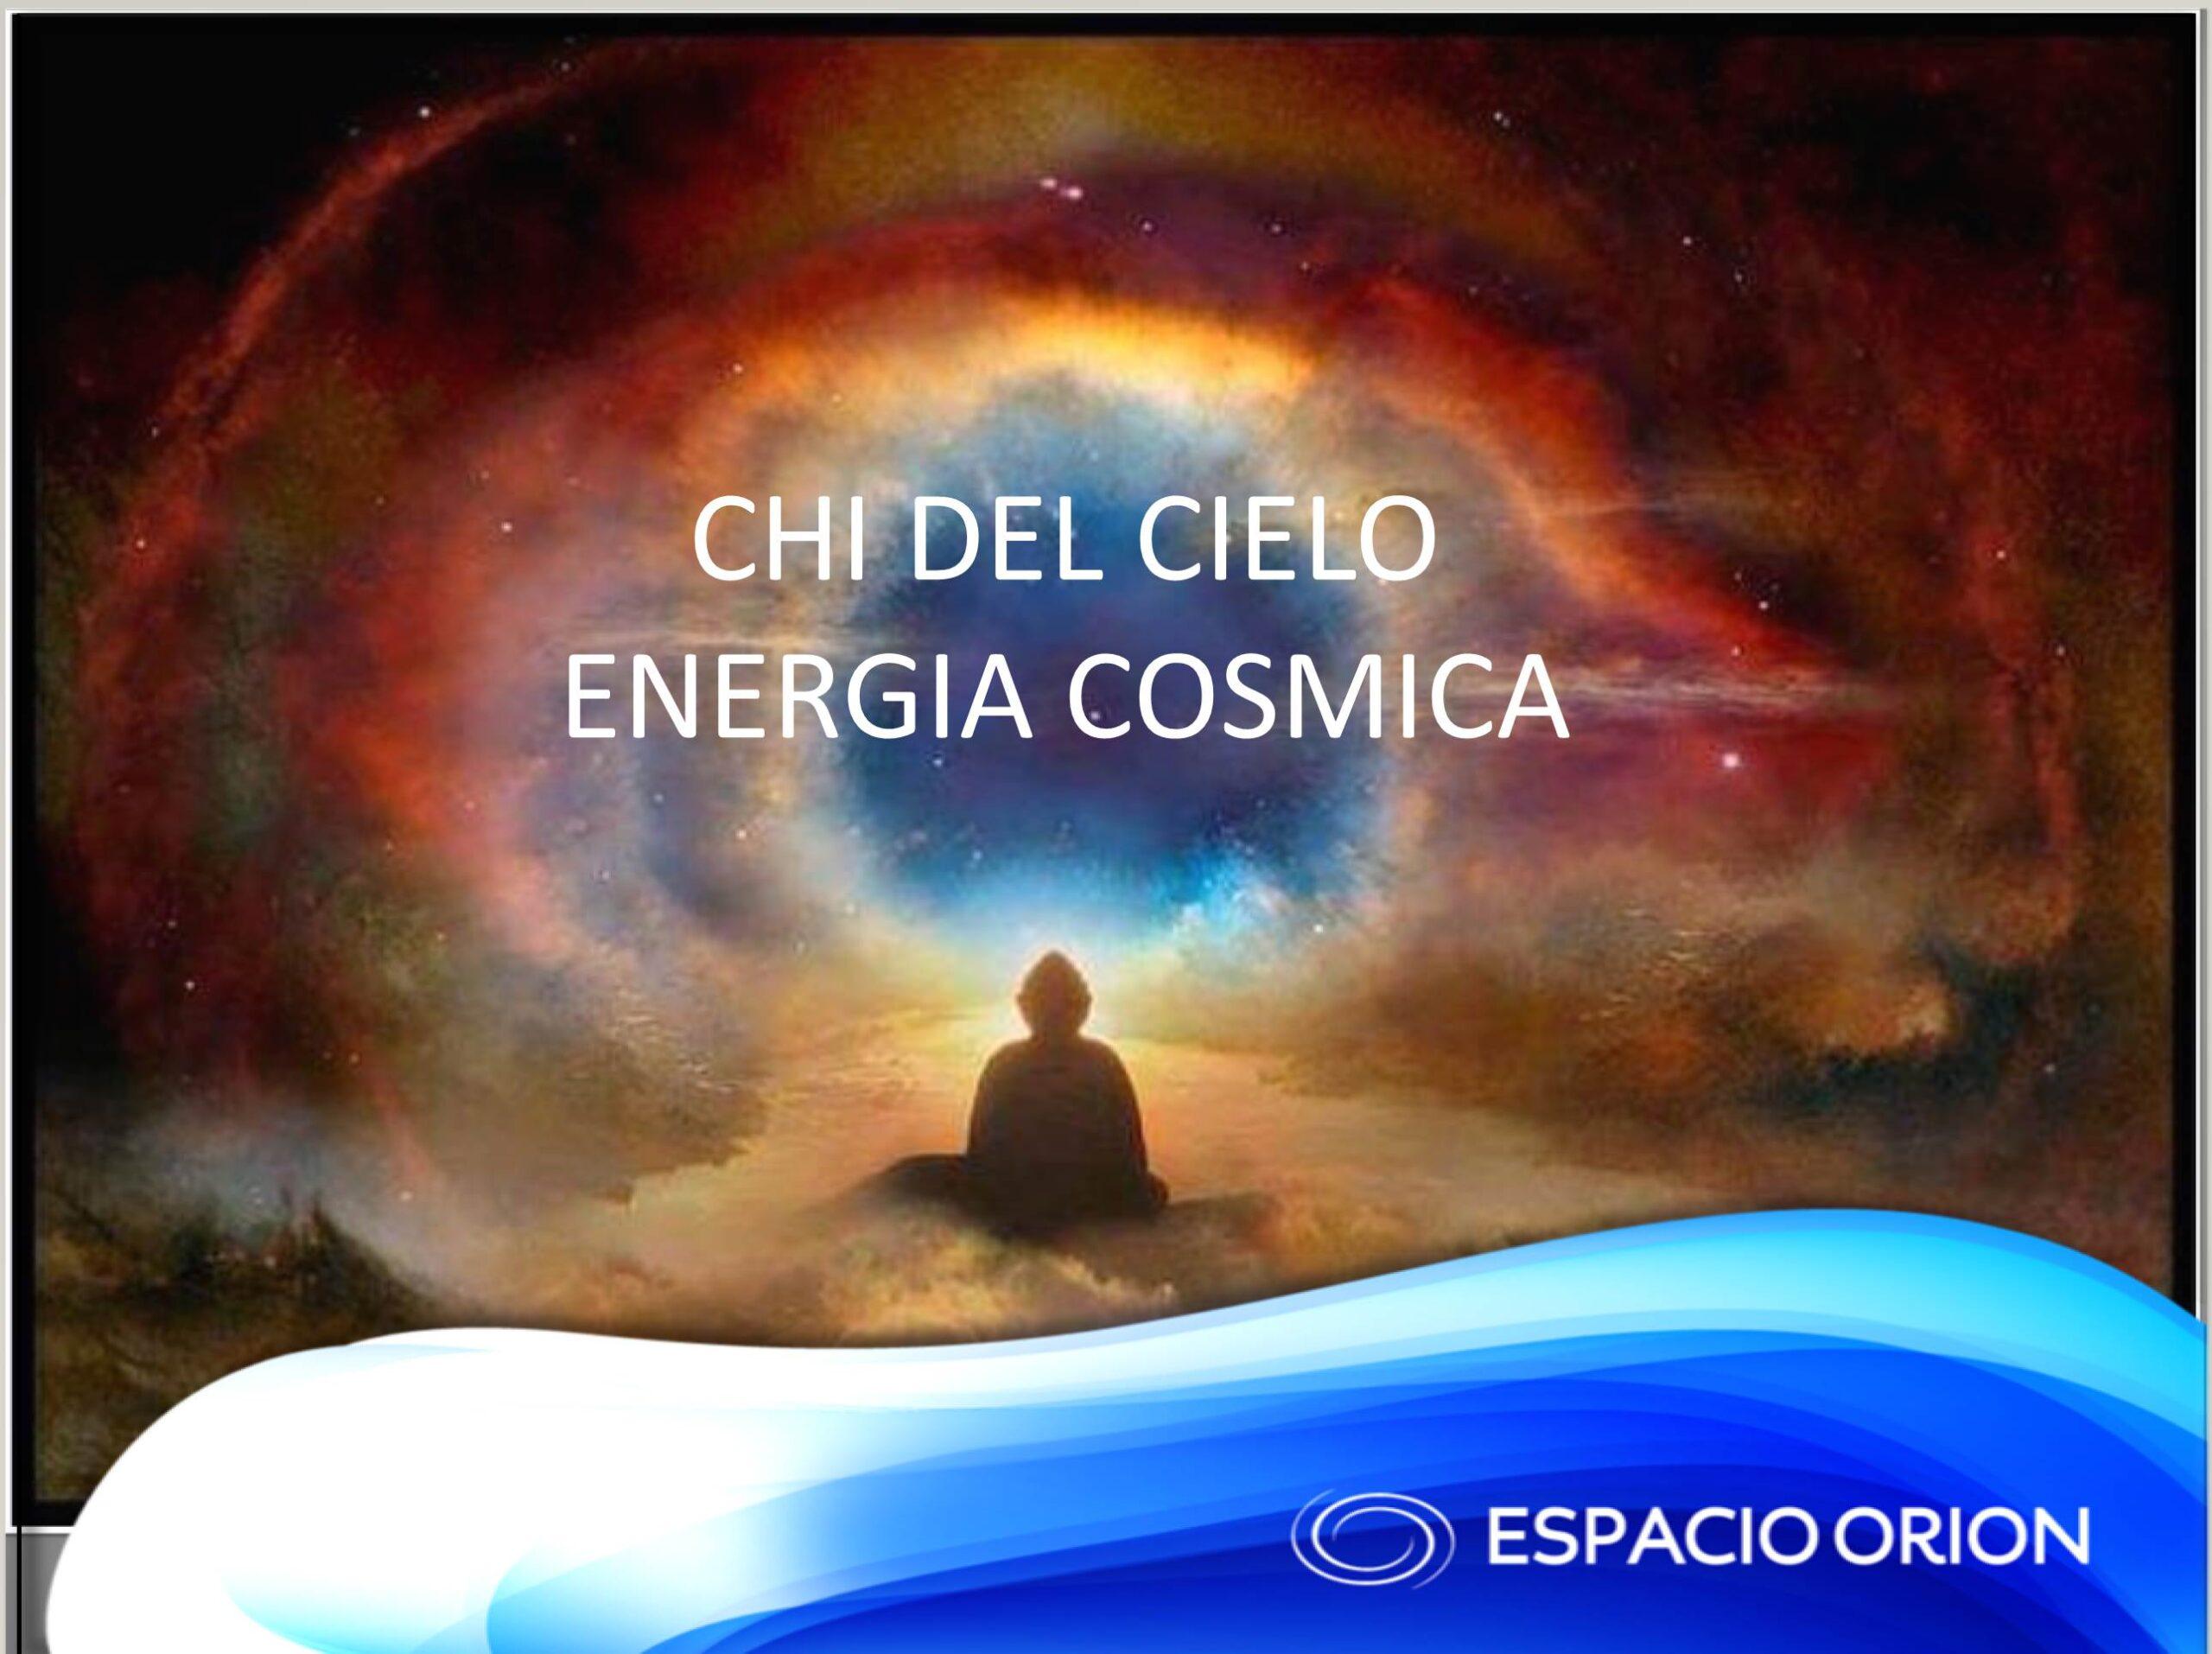 El Chi es la fuerza vital, la energía que une todas las cosas, es el vasto campo de energía del universo. Esta energía da vida a los seres y se libera nuevamente en el cosmos cuando los seres desaparecen. La energía es dinámica, circula de manera invisible a través de los diferentes espacios. Los seres humanos somos afectados por el flujo de la energía del universo, cuando esta recorre nuestro ambiente.